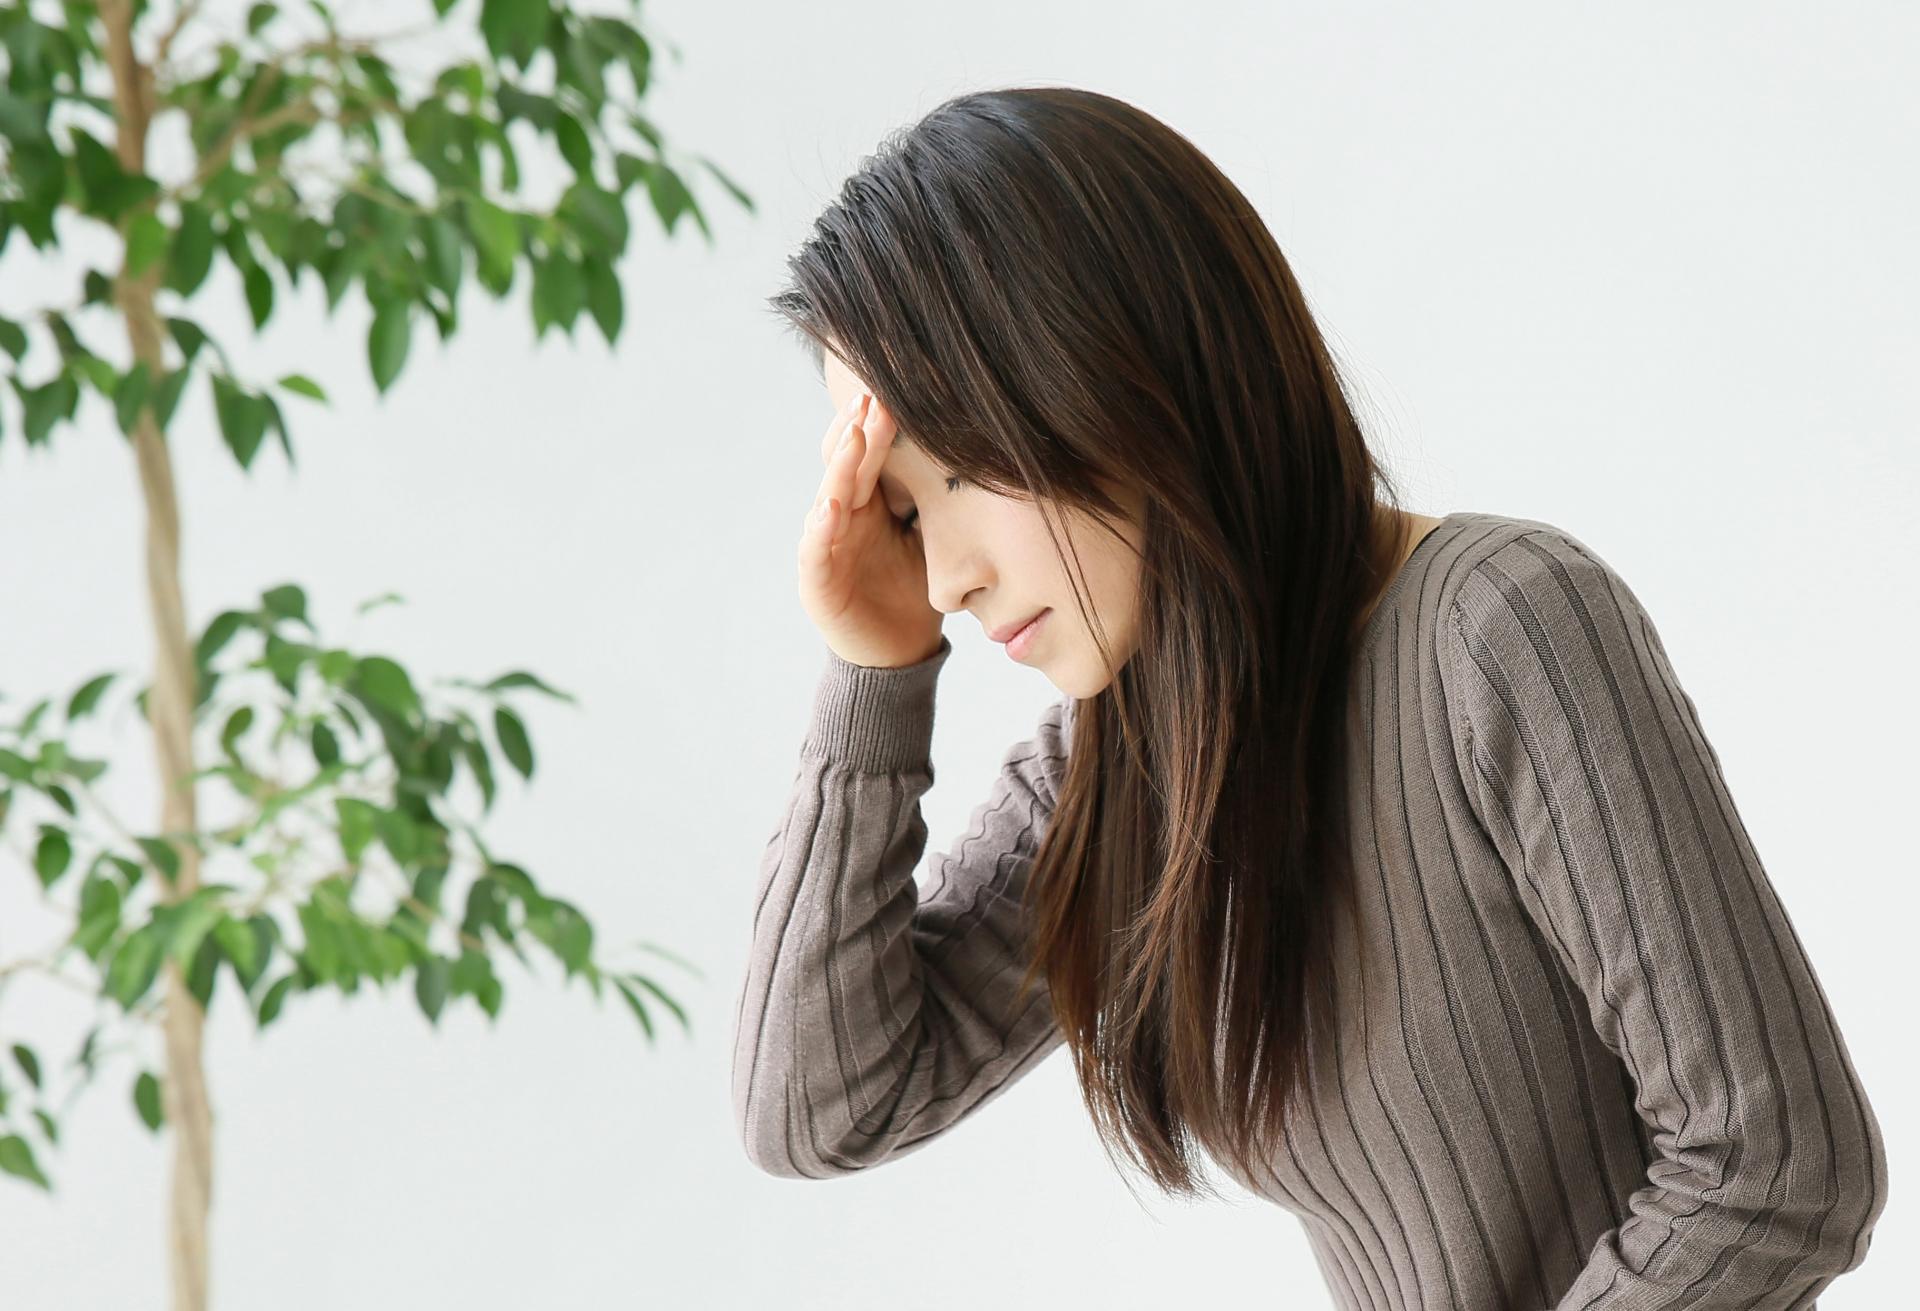 その不調、脳疲労かも? 脳疲労を回復して仕事の質を向上させる方法